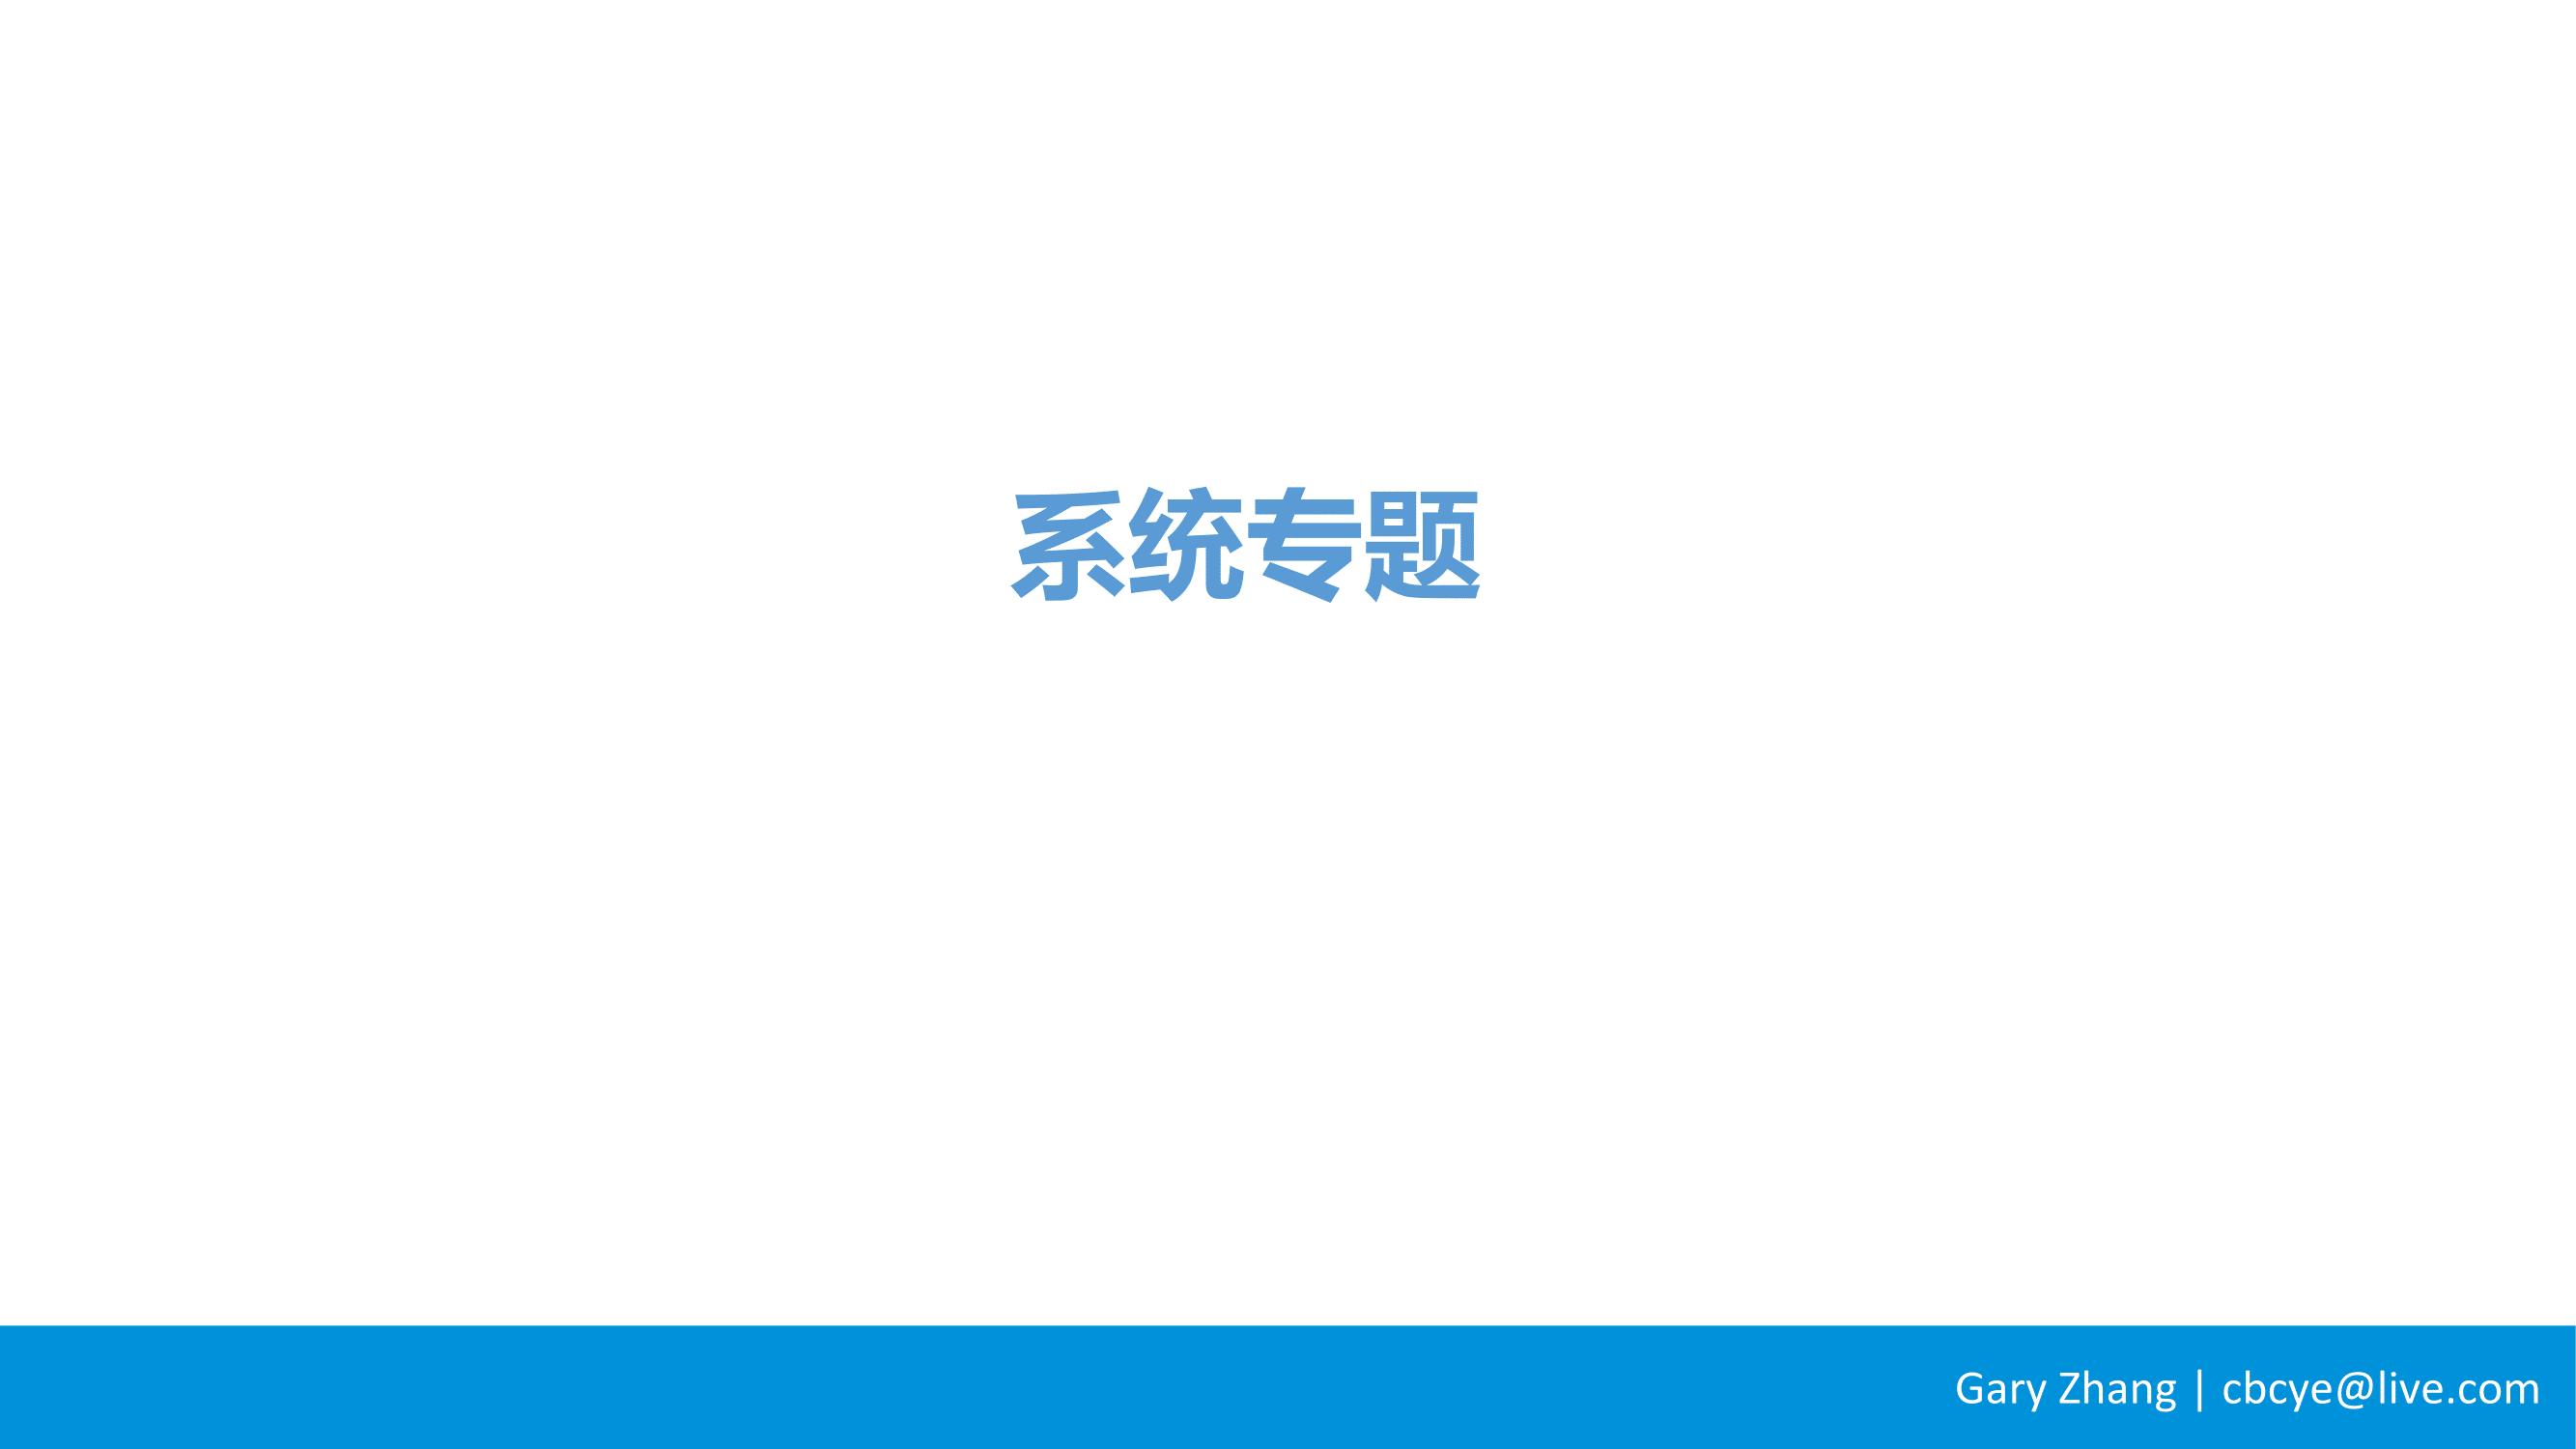 消费金融业务全流程指南_v1.0-098